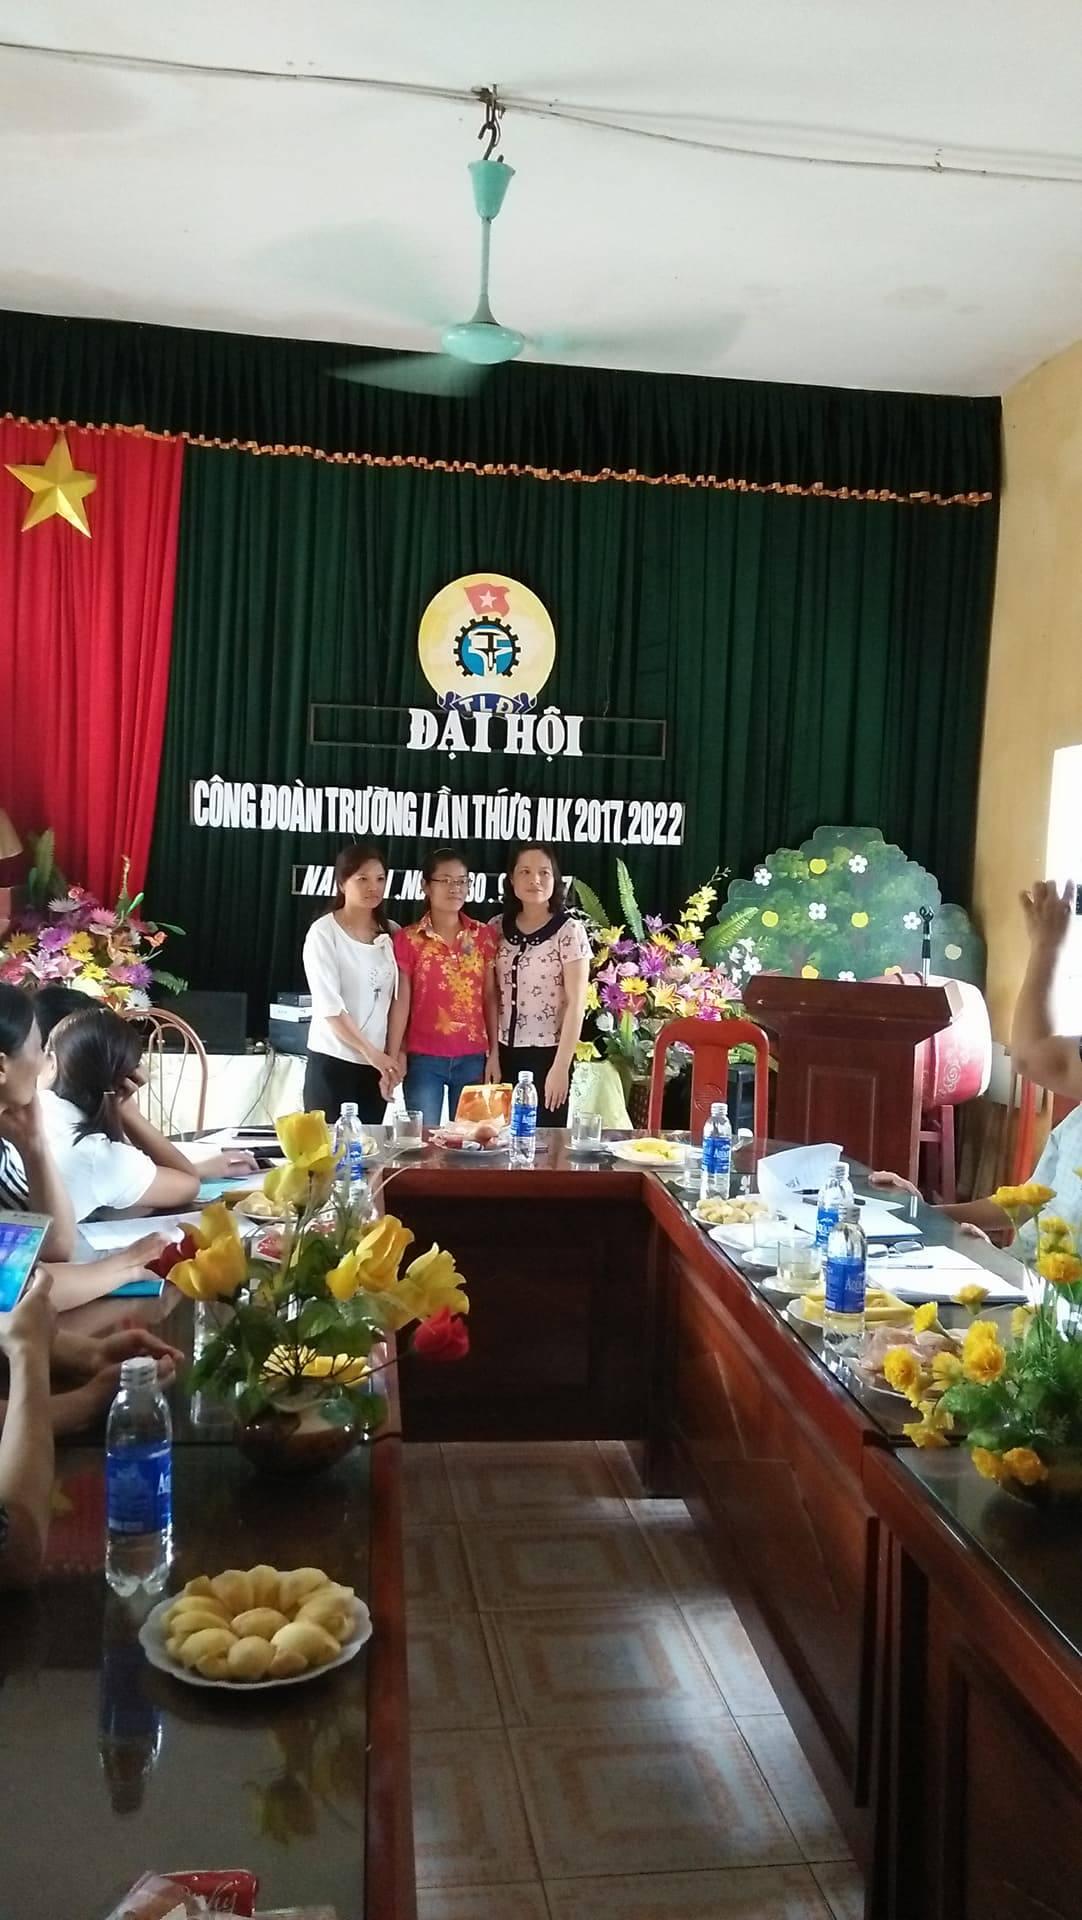 CLB Tuổi thần tiên – Vũ điệu tuổi thơ (Family Charity Day 19-8-2012)